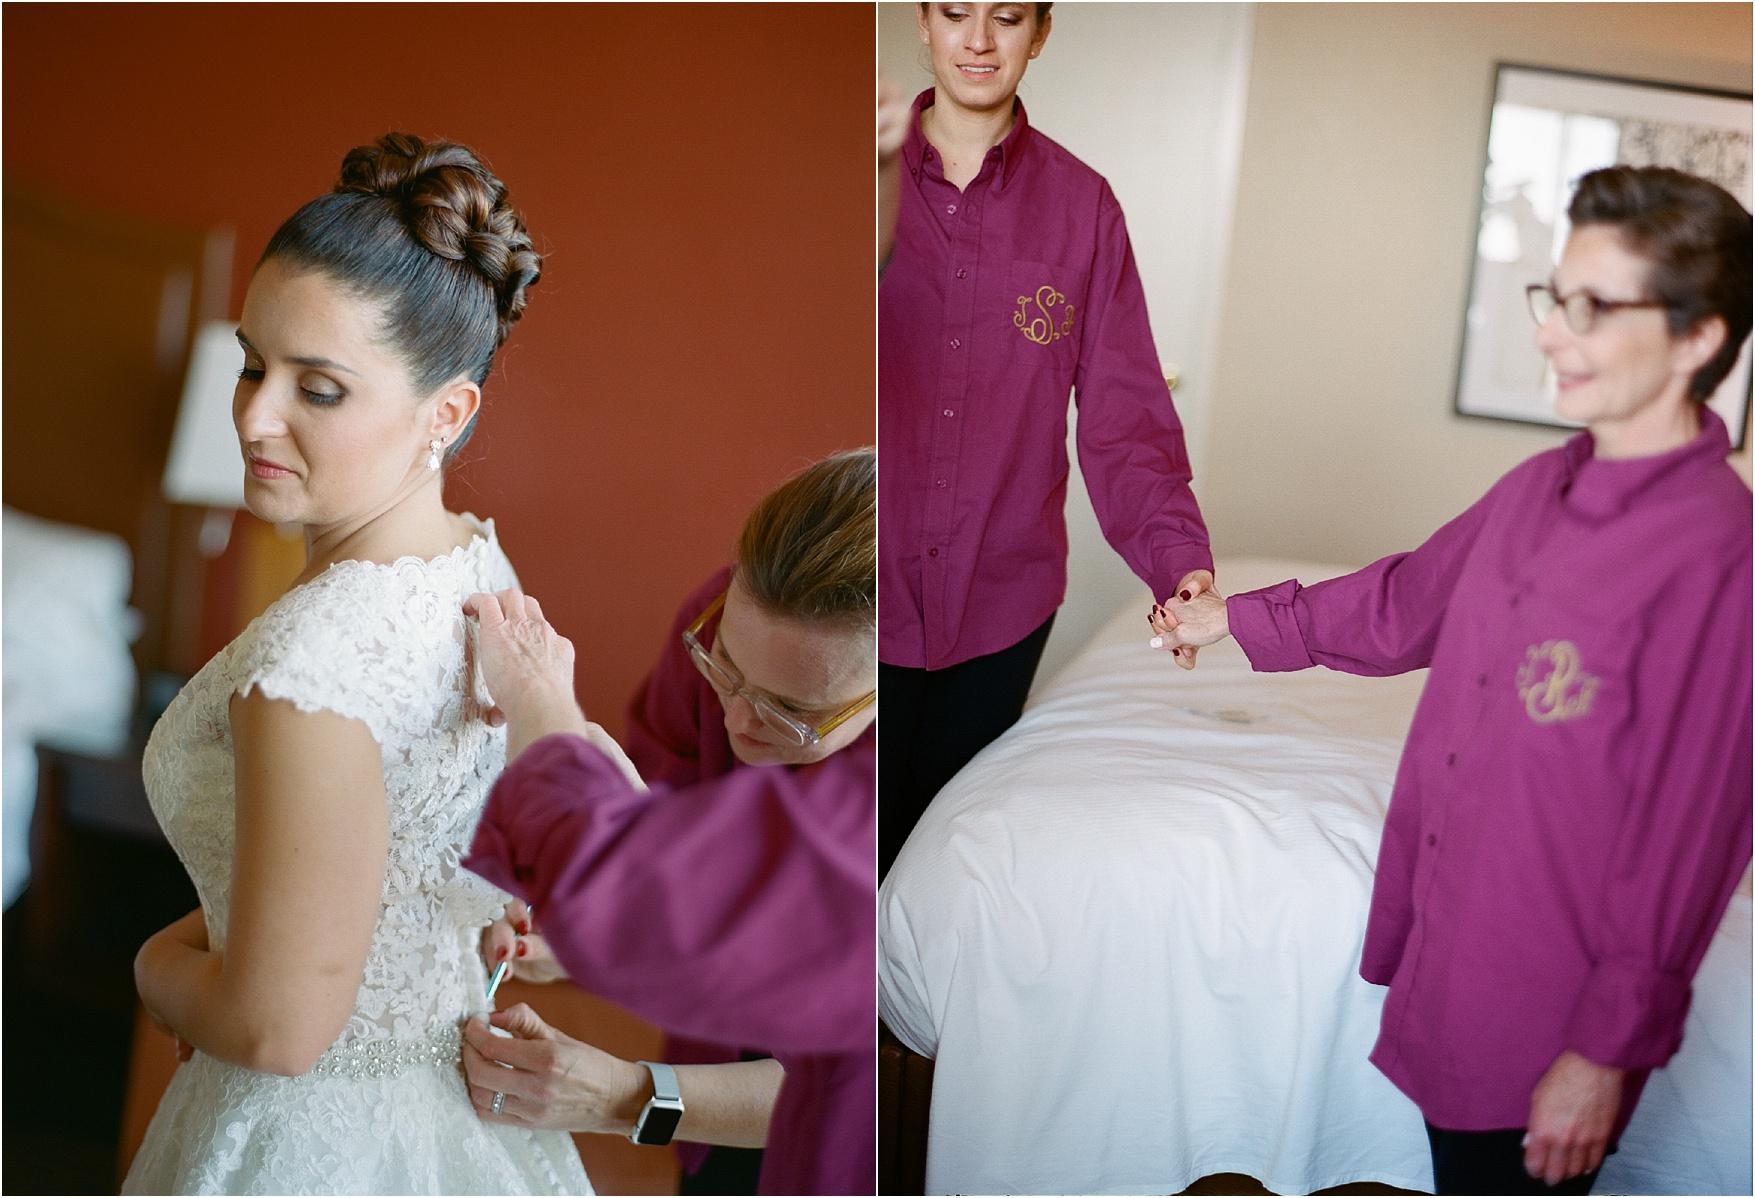 wedding photography st louis_lauren muckler photography_film photographer_film wedding_0046.jpg